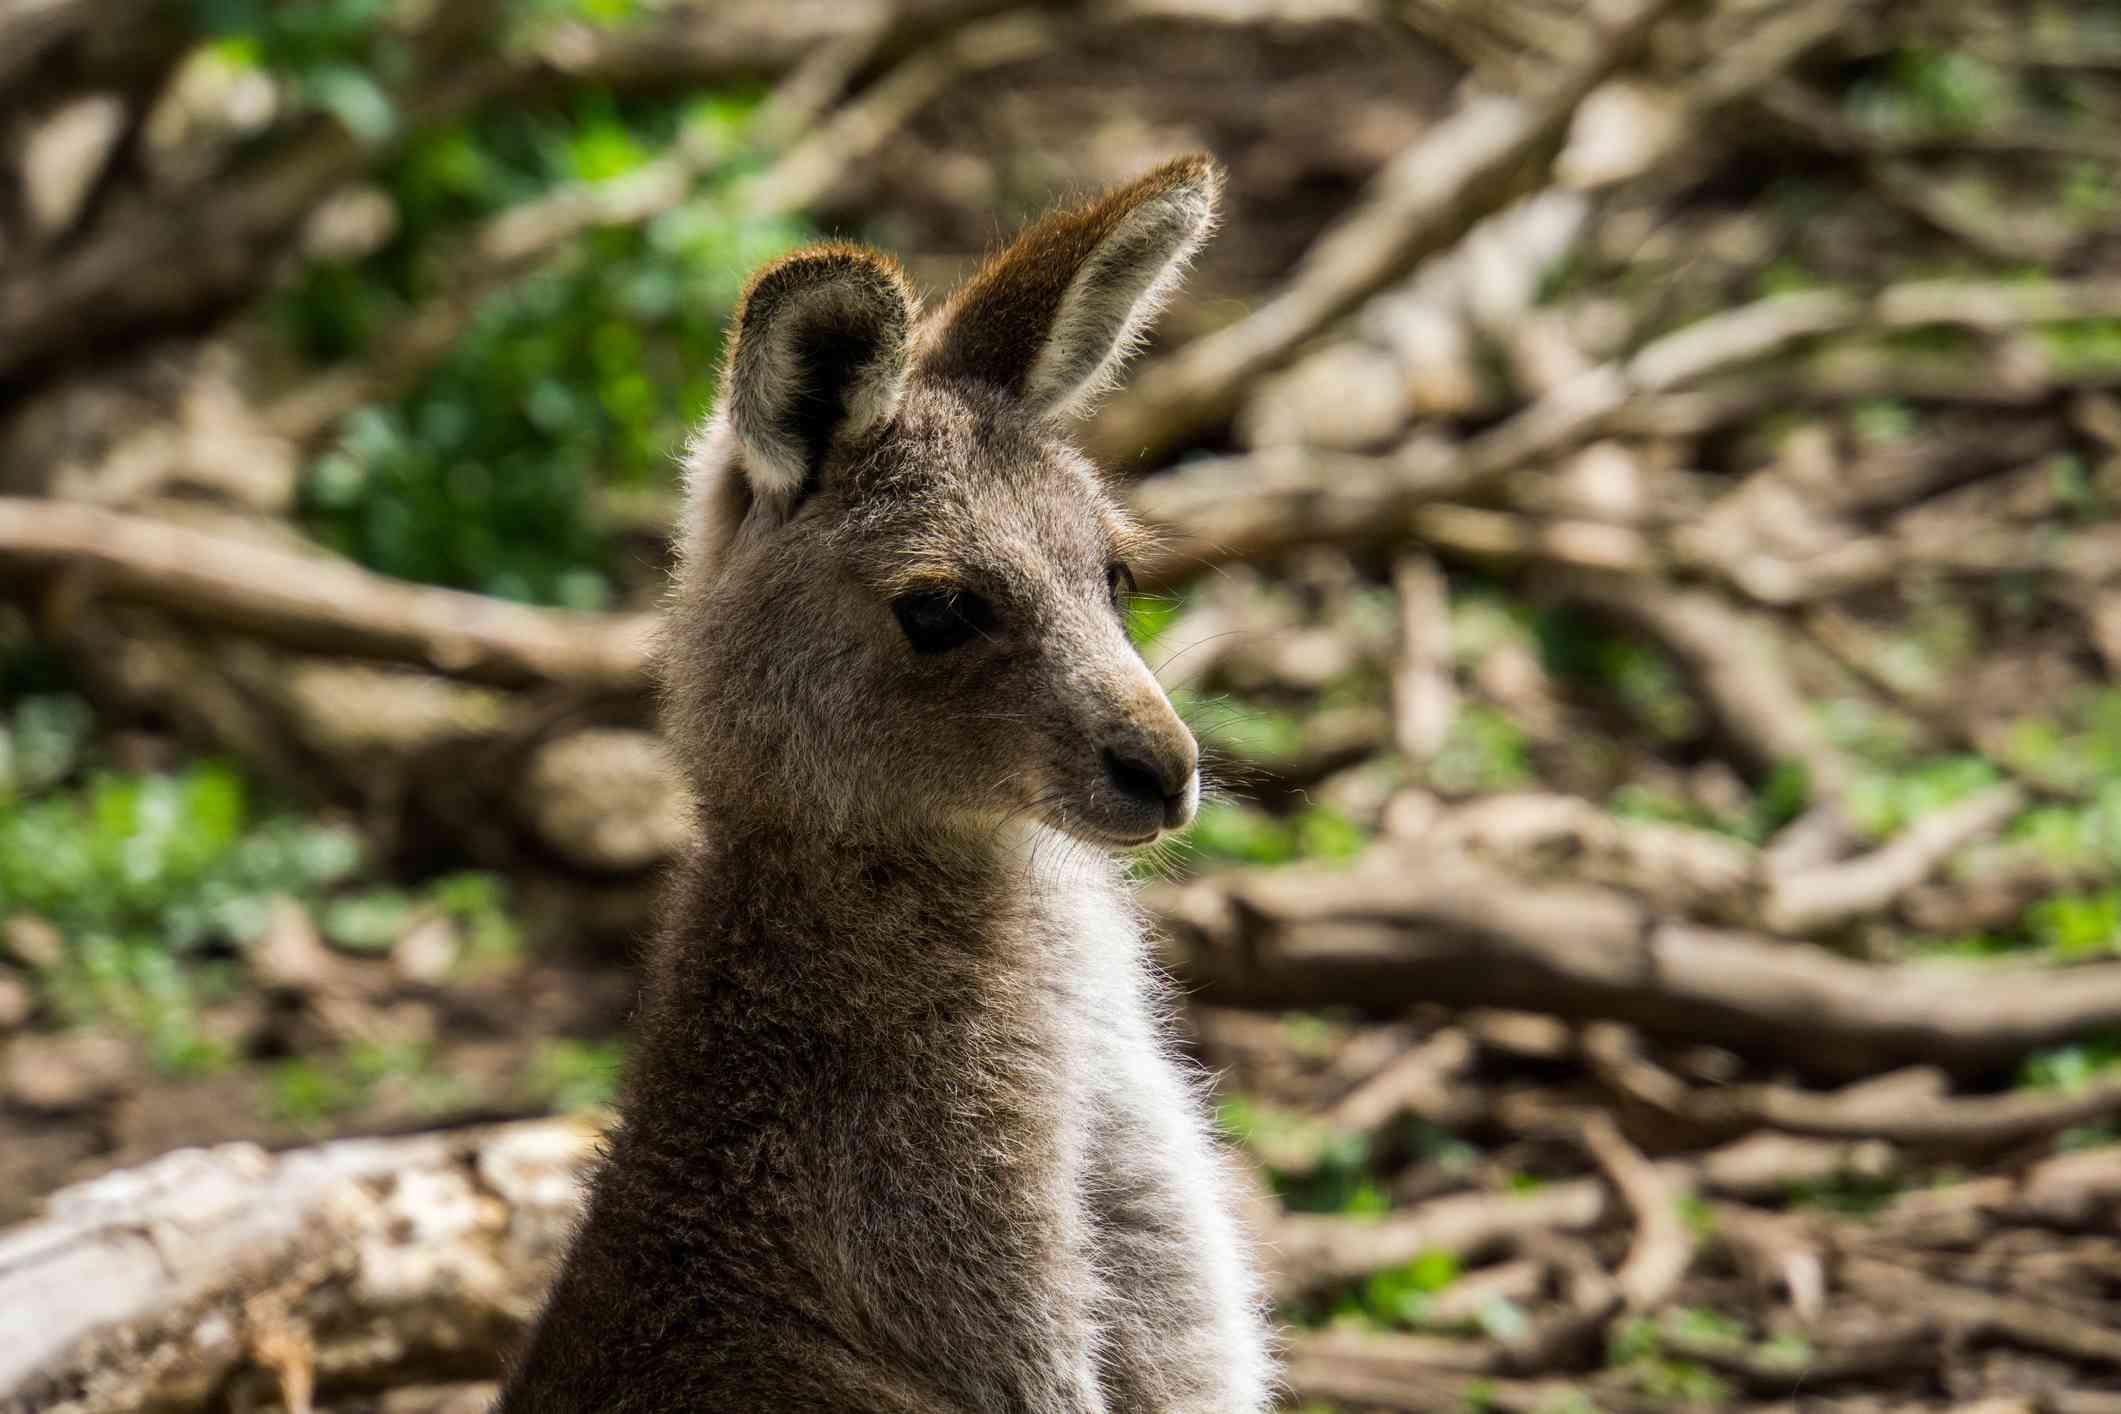 Kangoroo se ve a la derecha